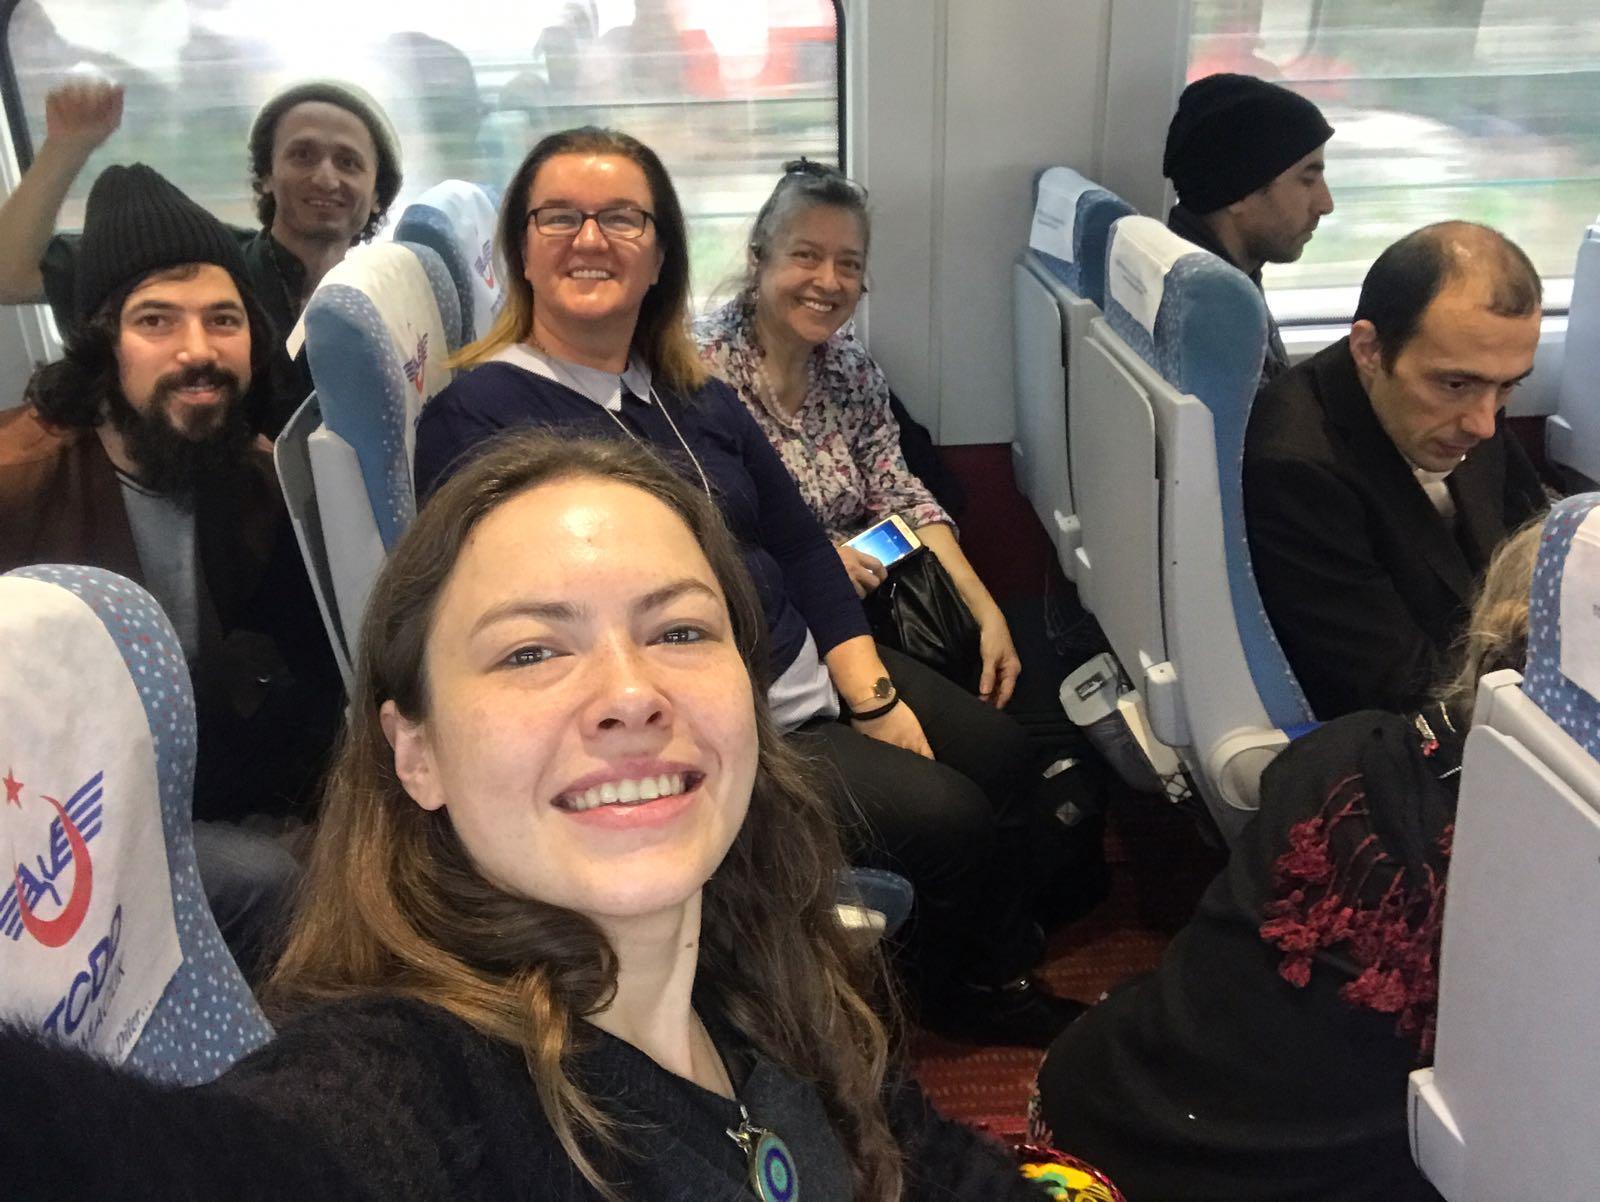 İstanbul'dan Ankara'ya tren yolculuğu. Soldan sağa Bahri Çakır, Fuat Yıldız, Ayla Karaca, Kanikey Güvenç Akçay (önde), Gülten Urallı, Fatih Oral, Emre Başaran. 14 Aralık 2017.